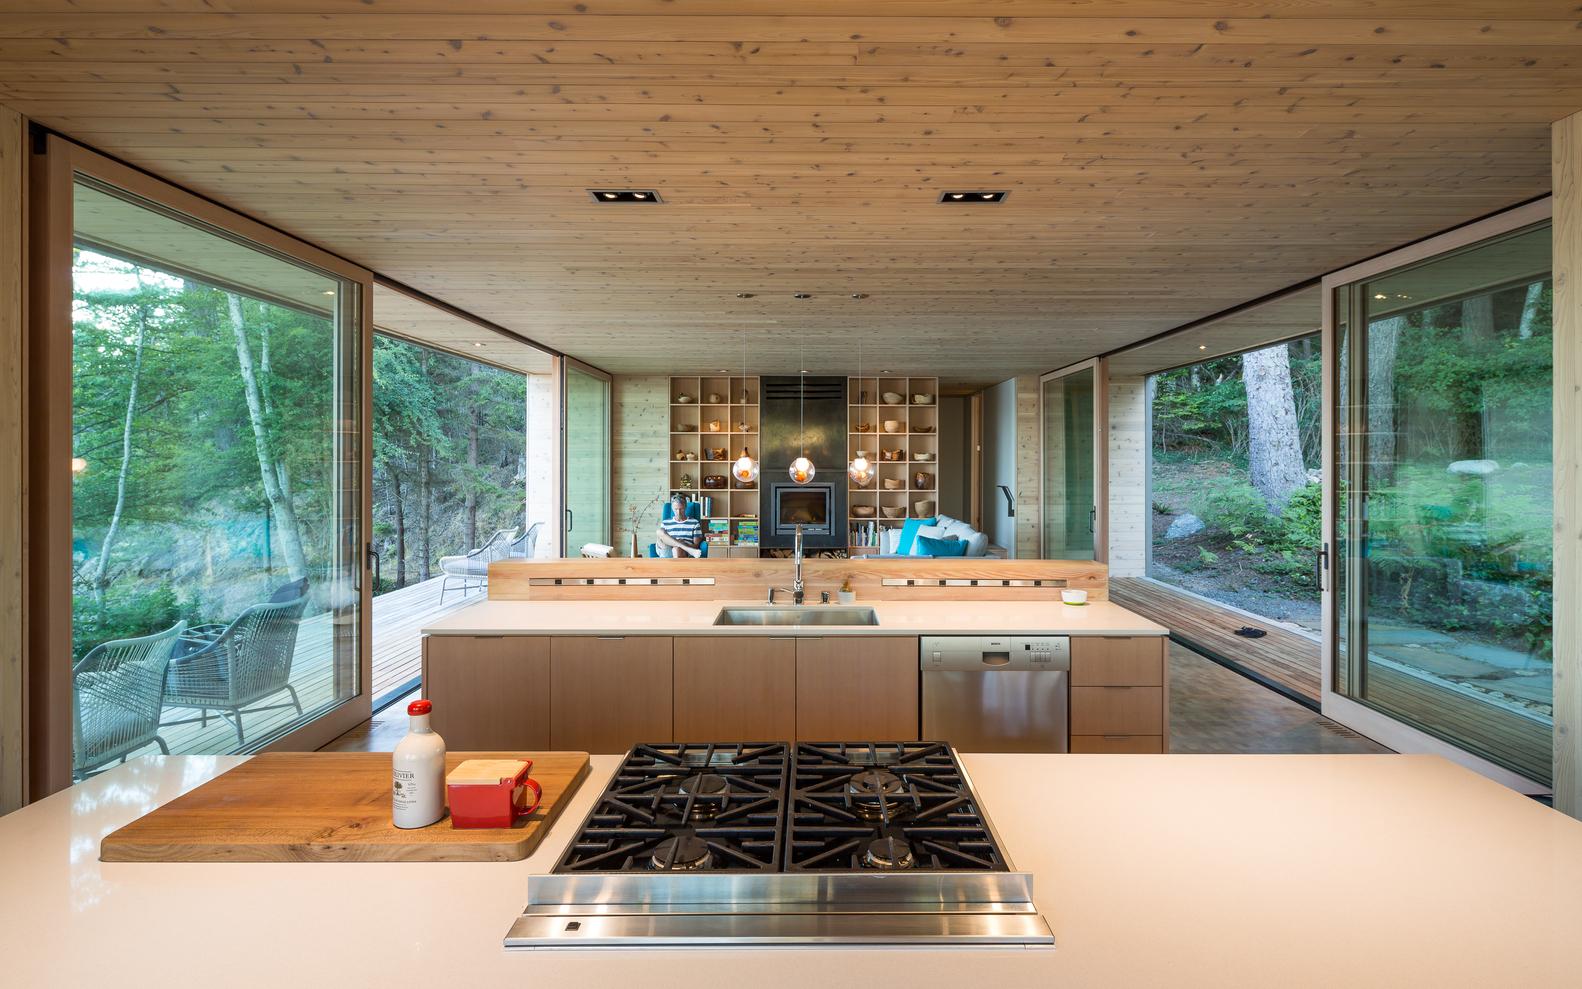 Cómo diseñar una Isla de cocina: Espacio eficiente y multifuncional,© Sean Airhart